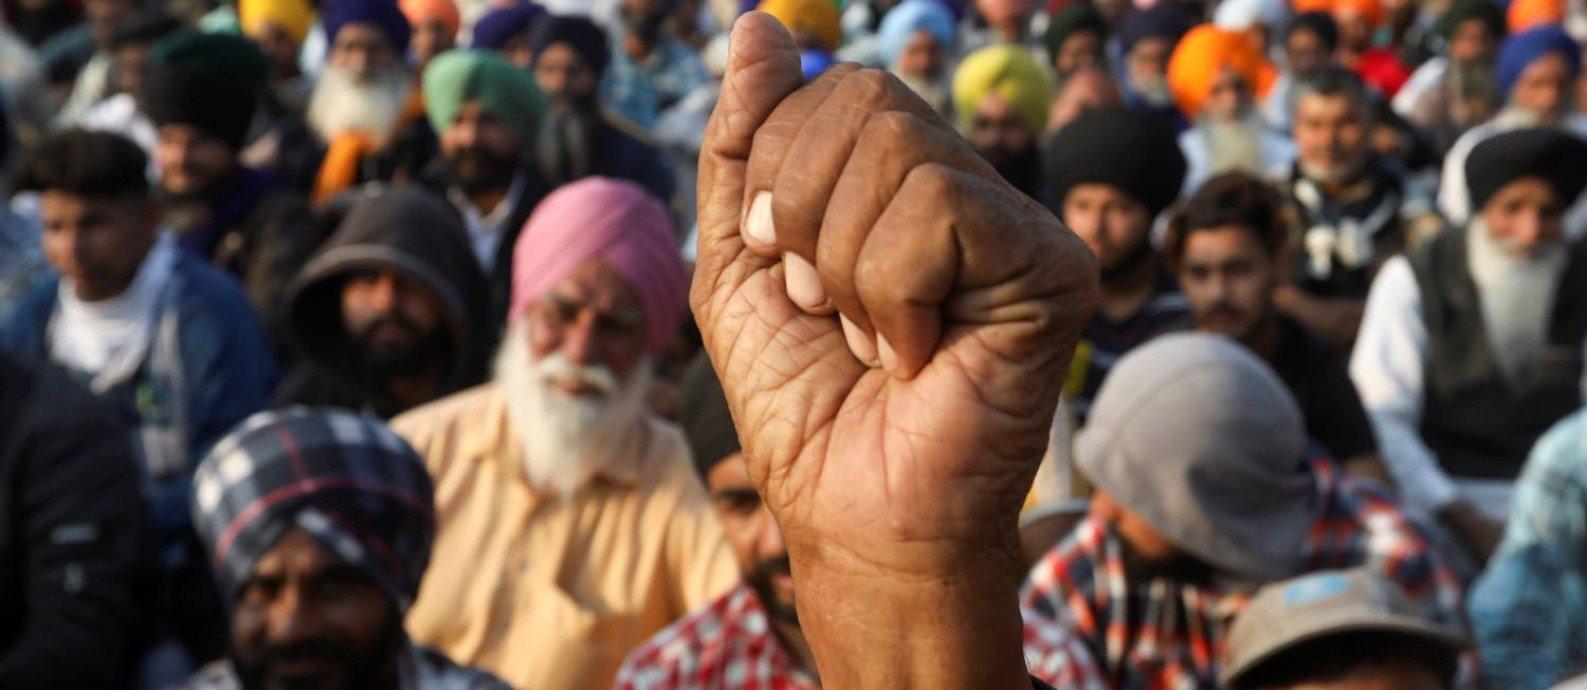 Agricultores do Punjab, considerado um dos celeiros da Índia, estão acampados nos arredores de Nova Délhi há duas semanas Foto: ANUSHREE FADNAVIS / REUTERS